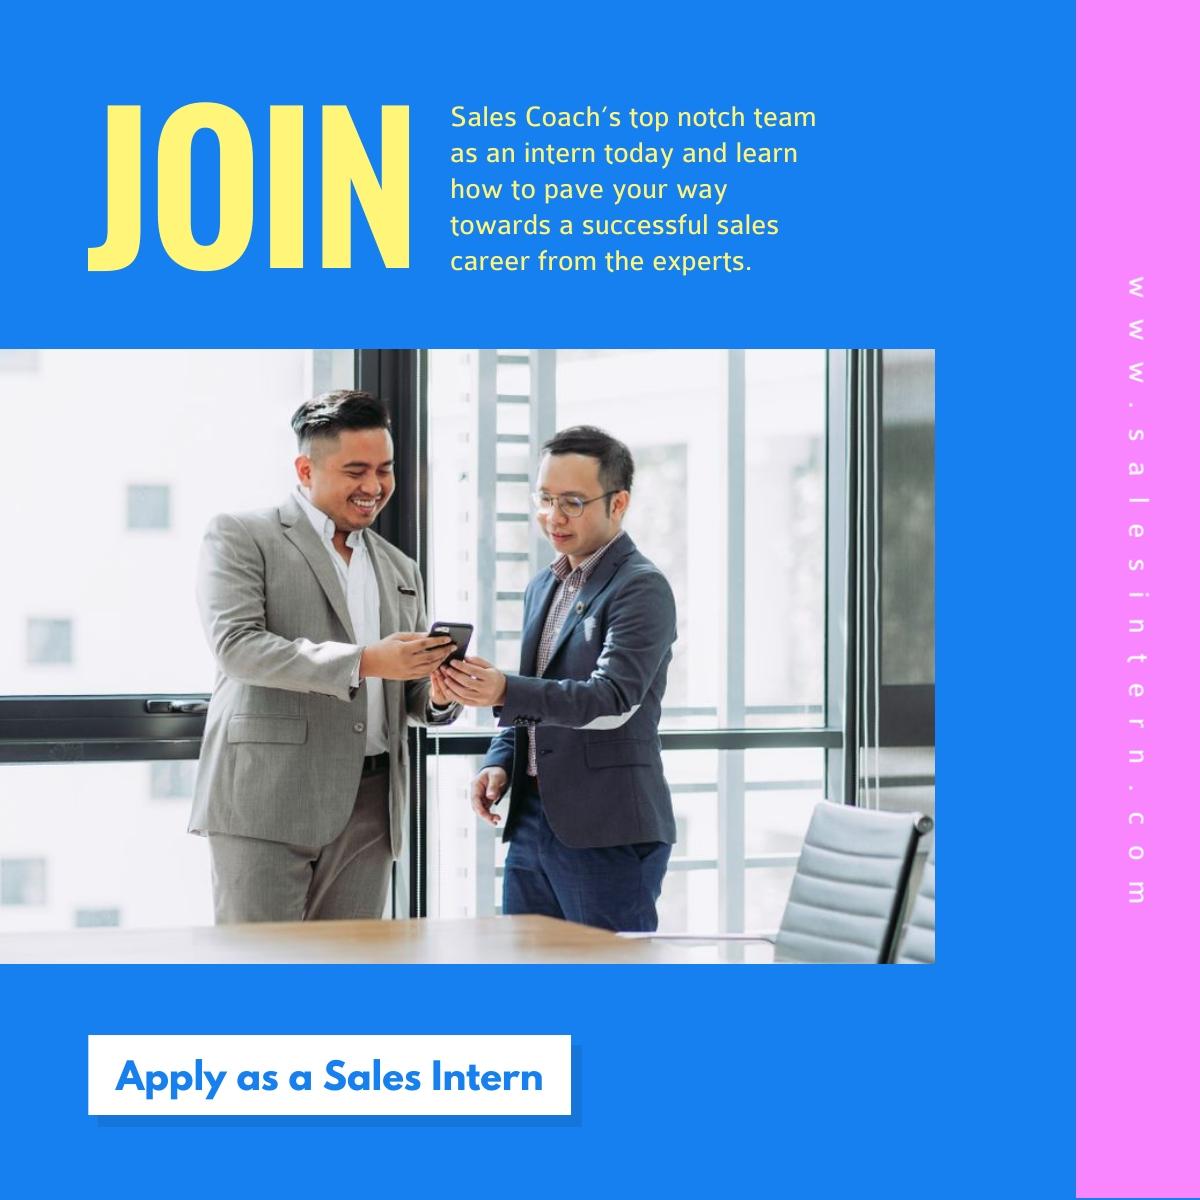 Sales Intern - LinkedIn Post Template